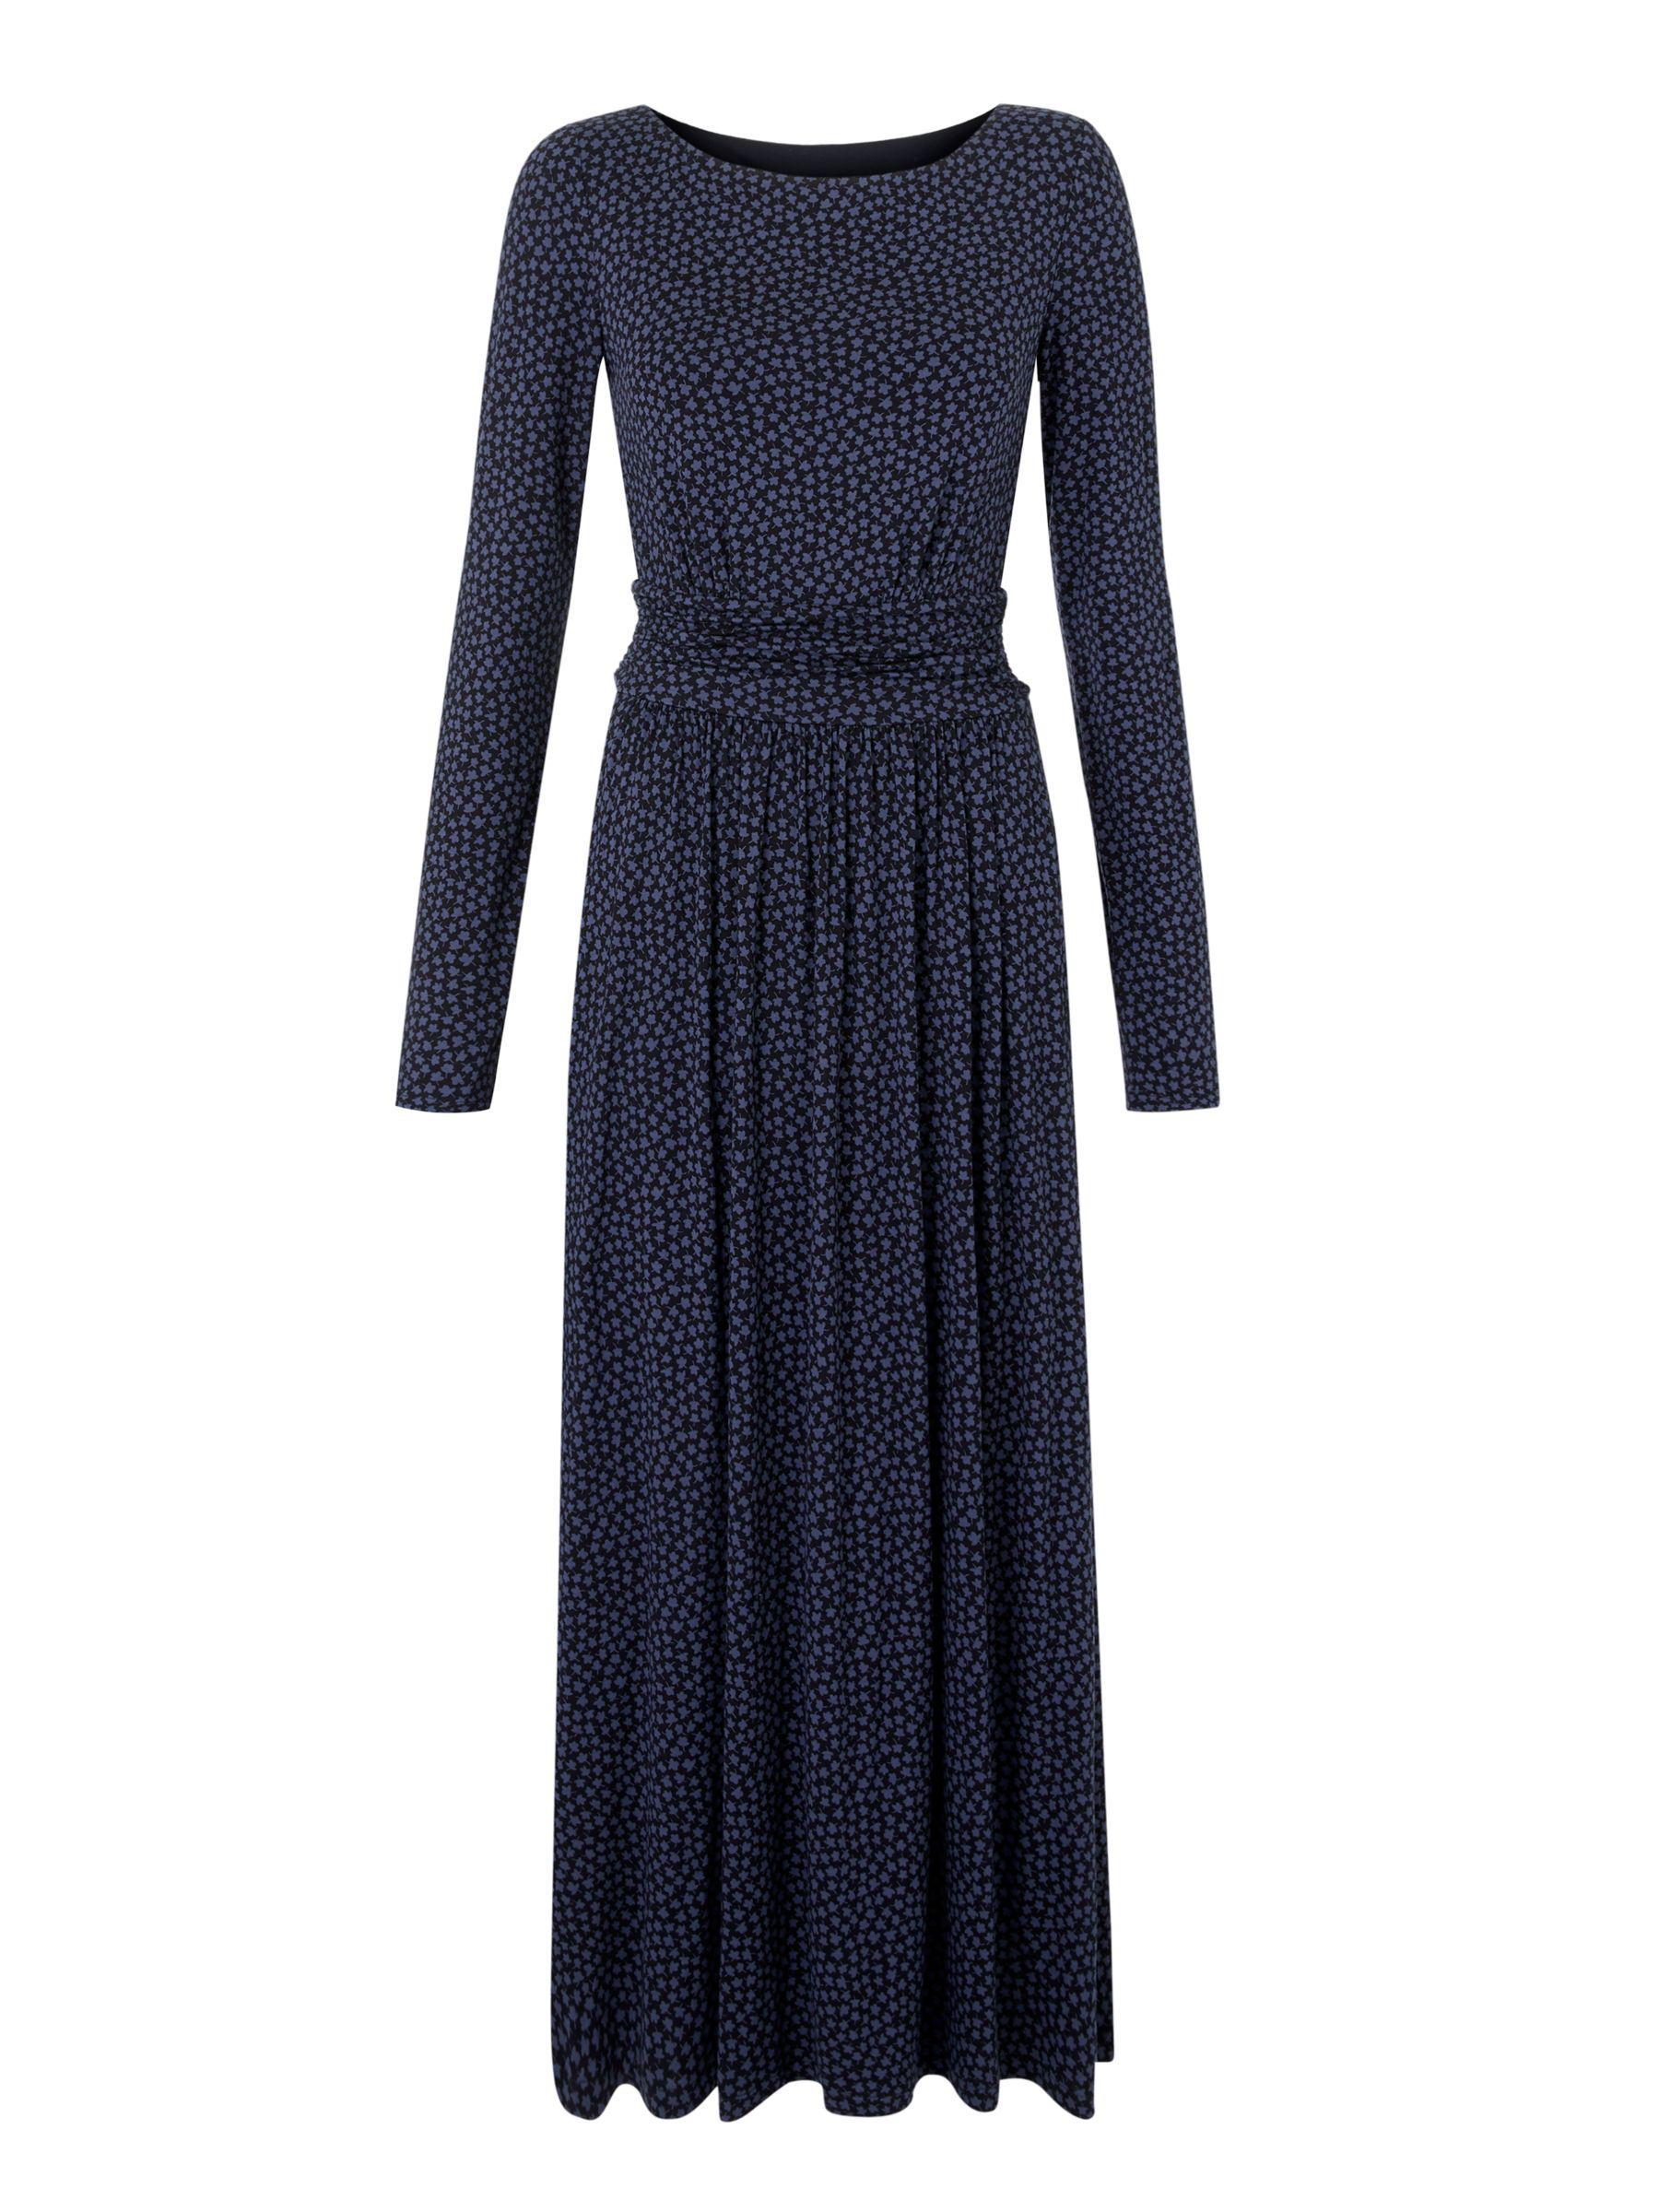 8e377fff59a Boden Lucille Jersey Dress in Black - Lyst